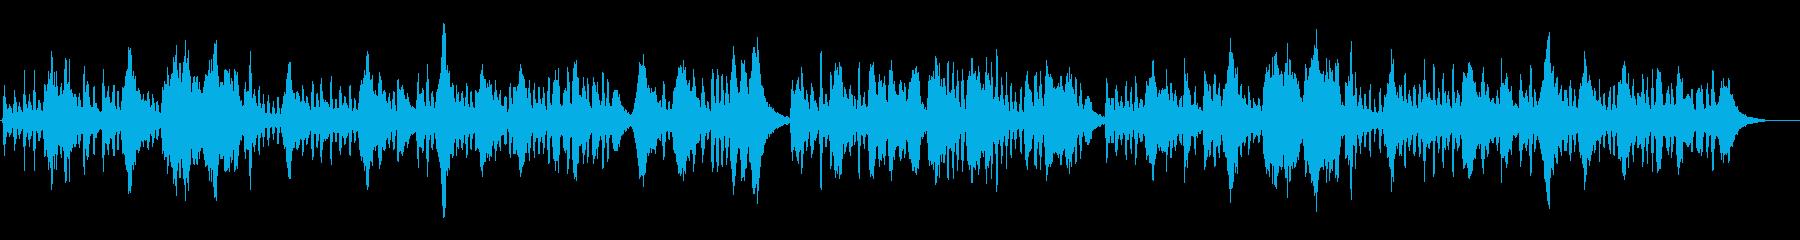 生演奏クラシック、モーツァルト、可愛いの再生済みの波形